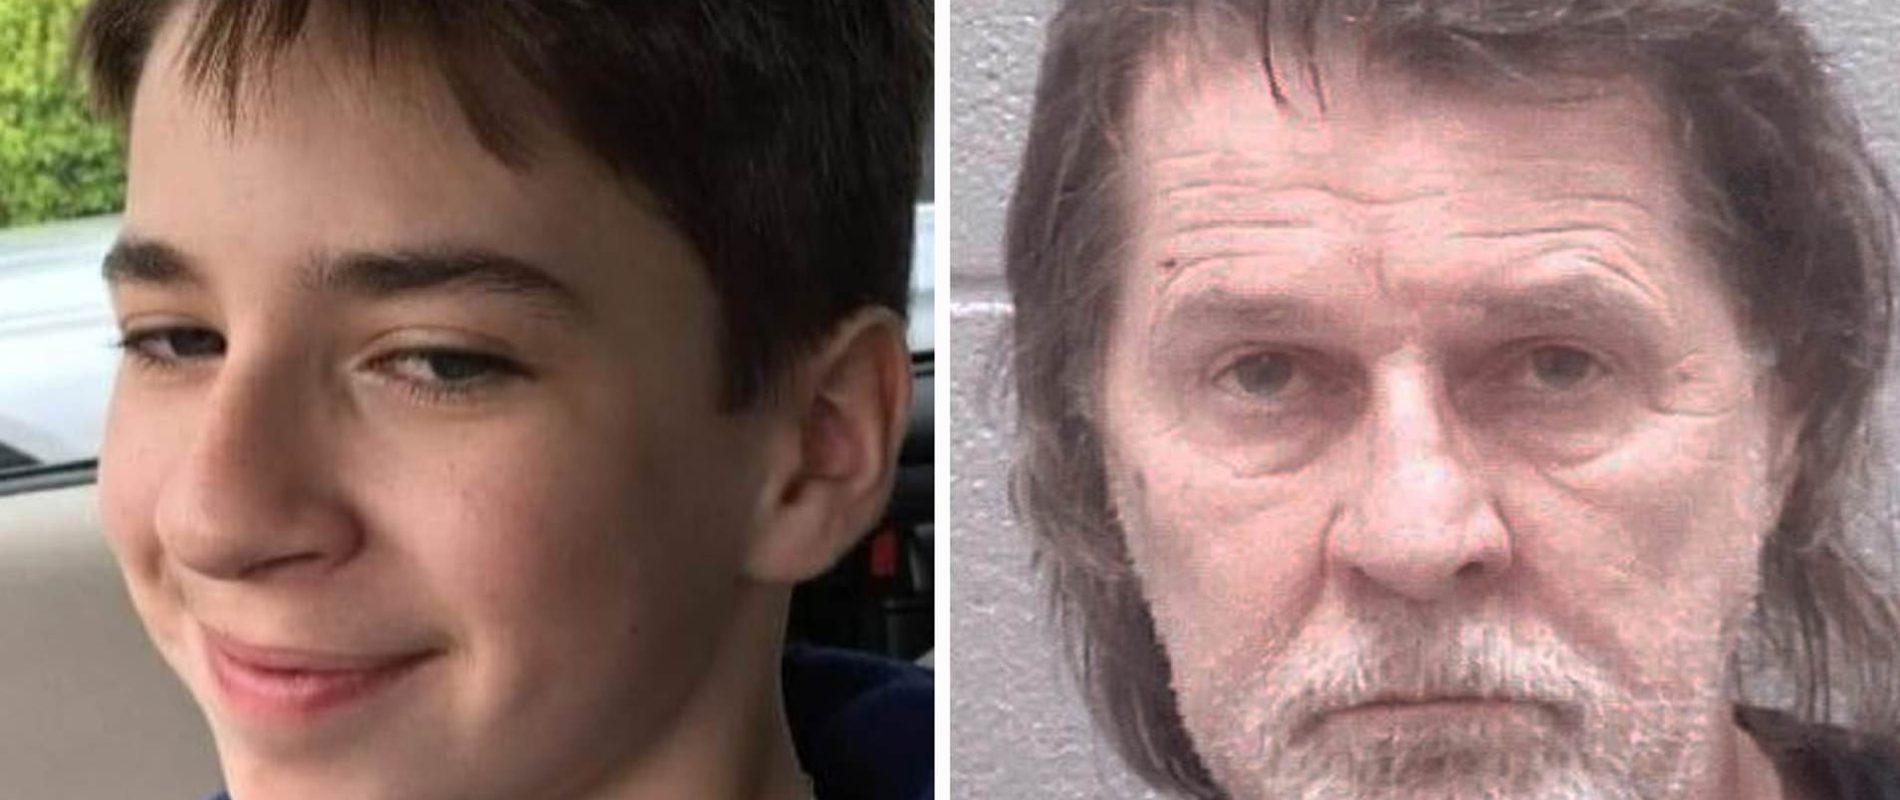 Adolescente terminó con la vida de su padre golpeador: No irá a prisión